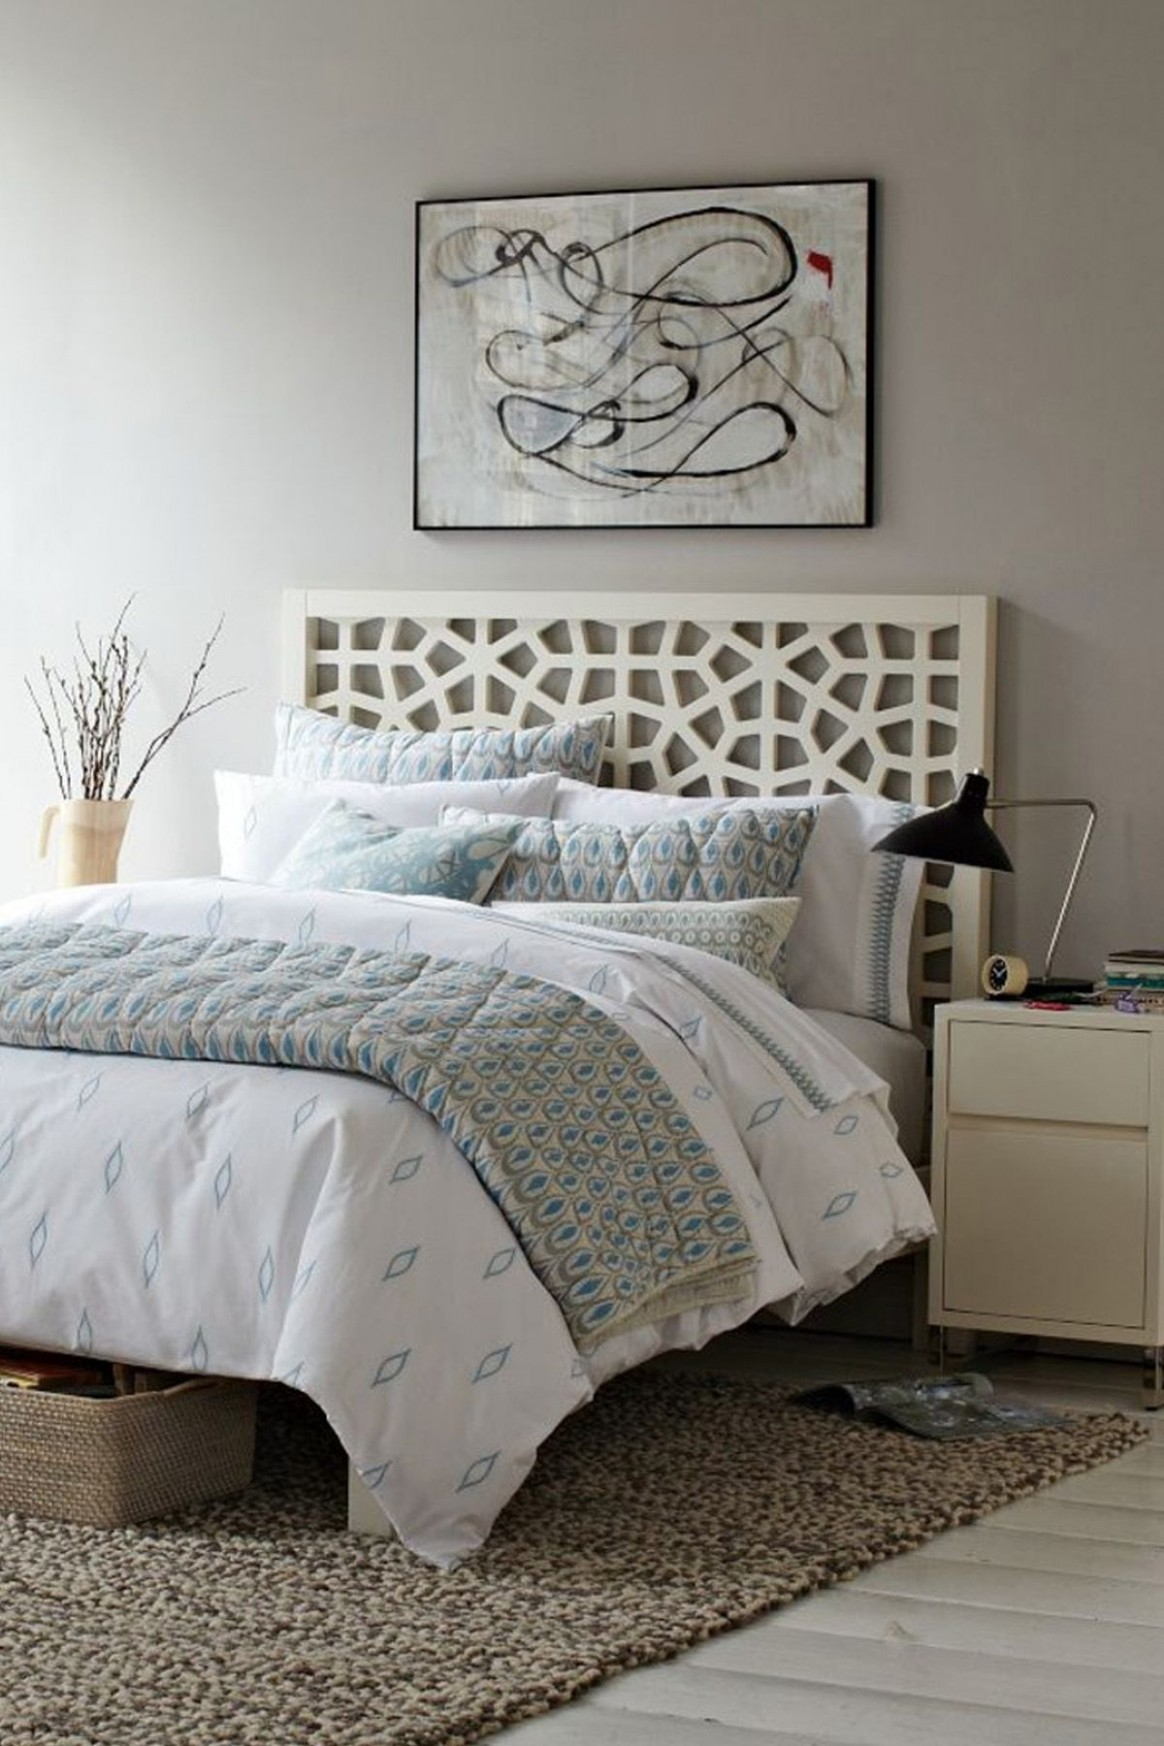 9 Best Headboard Ideas - Unique Designs for Bed Headboards - Bedroom Ideas Headboard